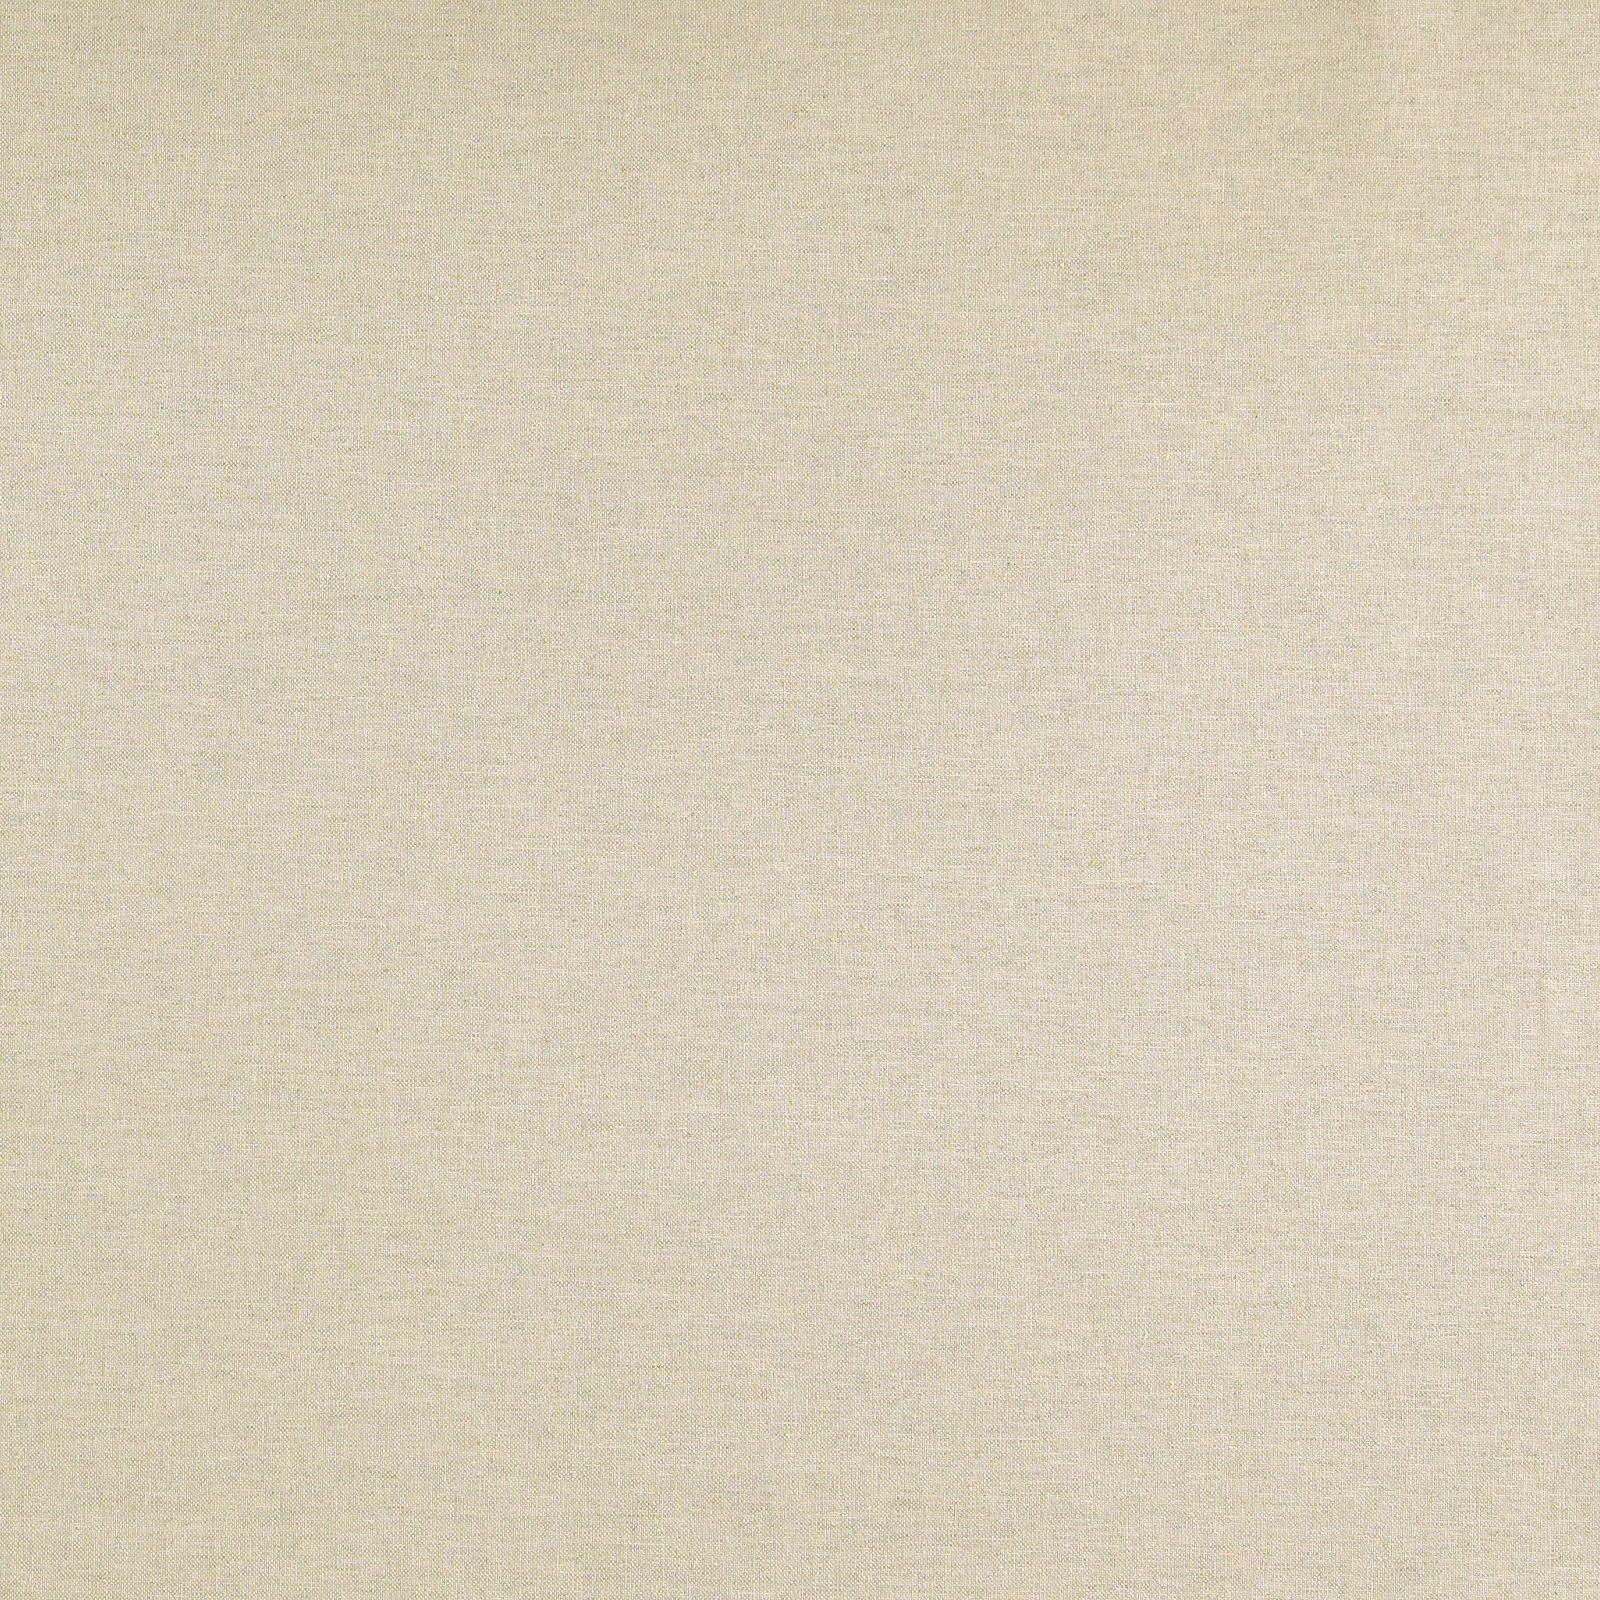 Textilwachstuch Leinenlook Grau 160cm 872301_pack_solid